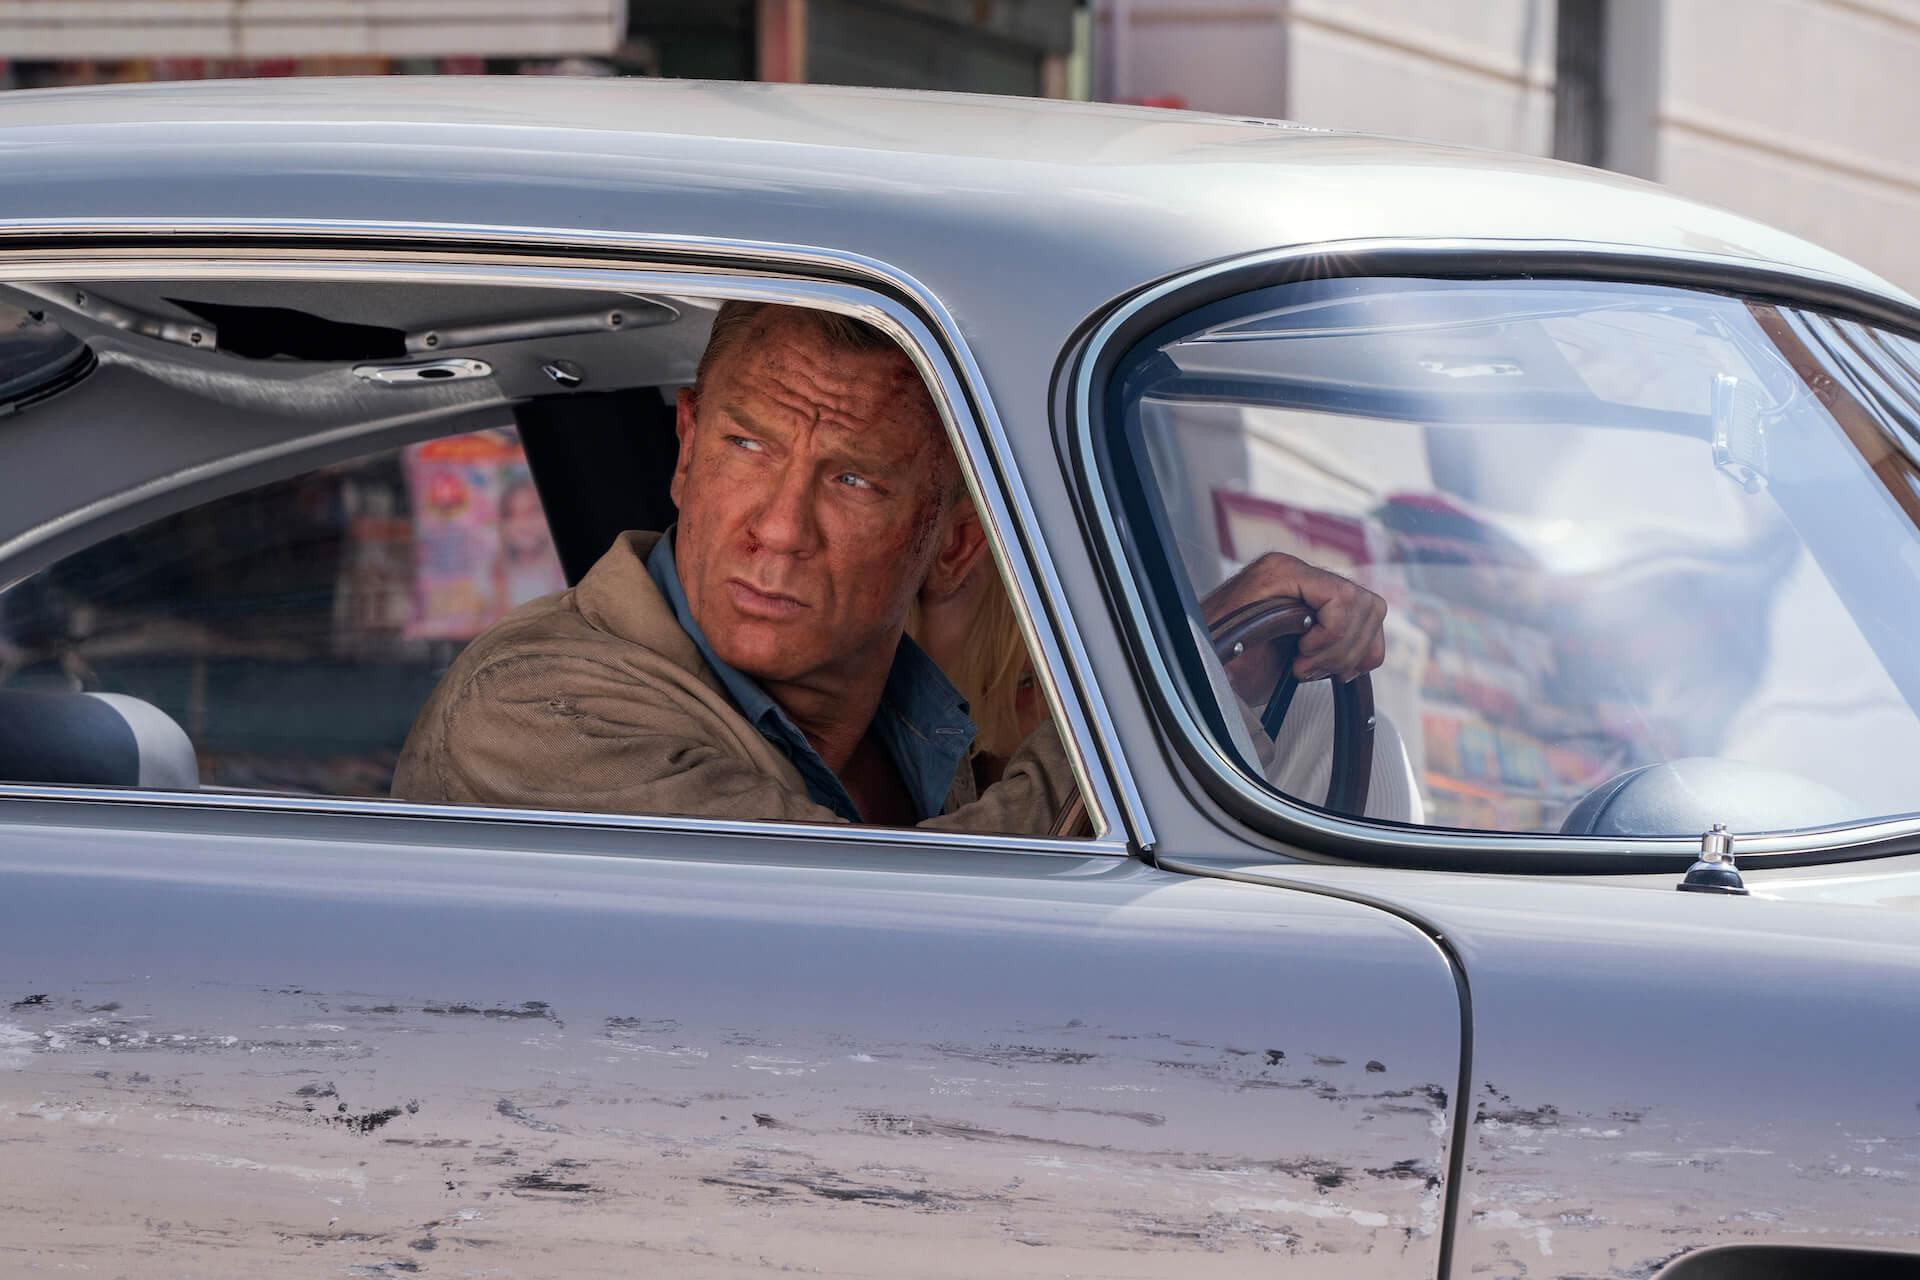 ダニエル・クレイグ演じるジェームズ・ボンドの歴史を振り返る!『007/ノー・タイム・トゥ・ダイ』特別映像が解禁 film210915_007_ntd_12